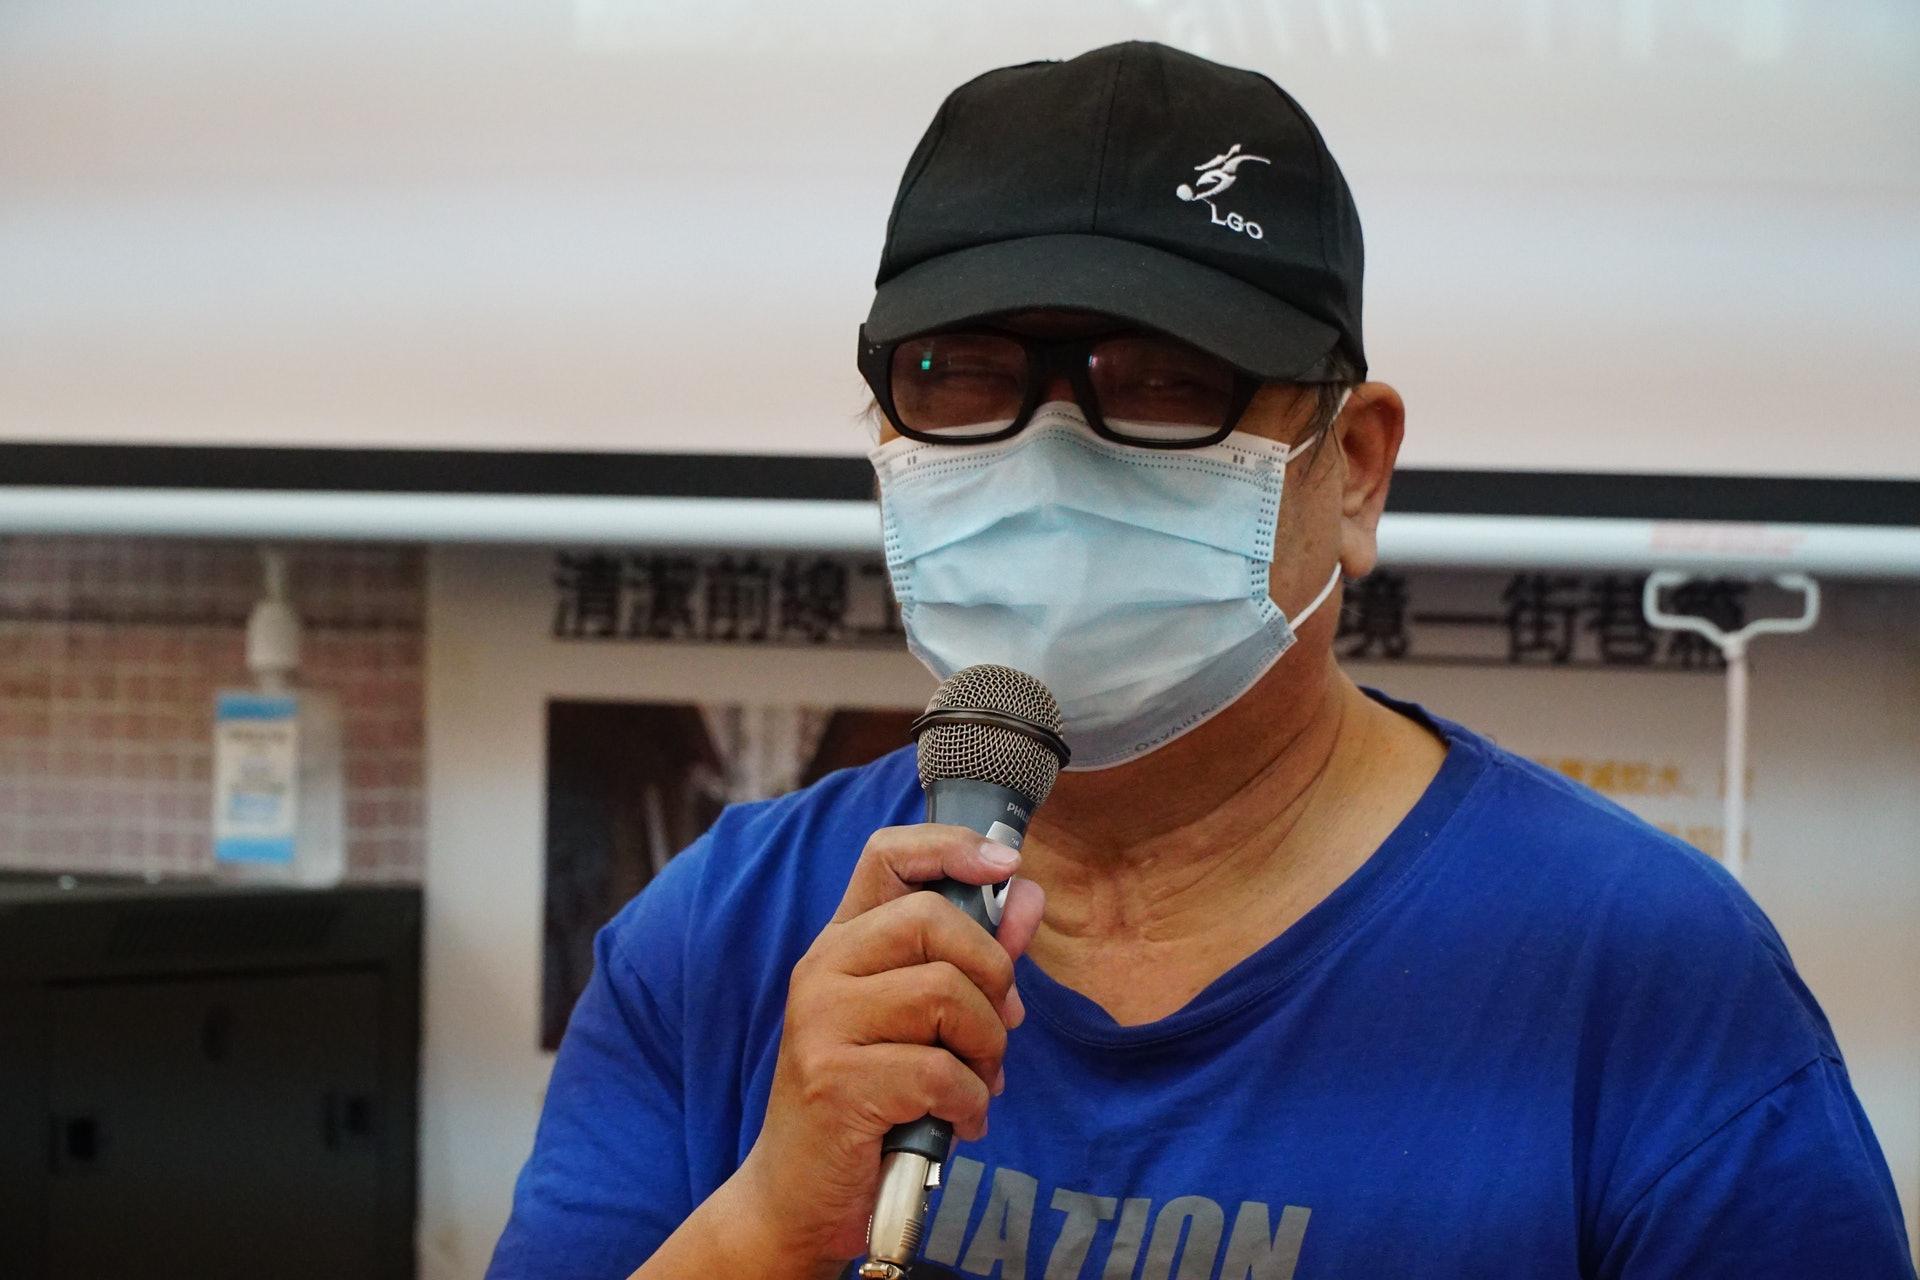 現時64歲的阿華坦言,強積金的存款不多,最多只能支撐一年。他又認為若想在香港退休是一個夢,「你做得一日得一日,根本唔敢諗退休,香港嘅退休保障係一個笑話」。(曾鳳婷攝)